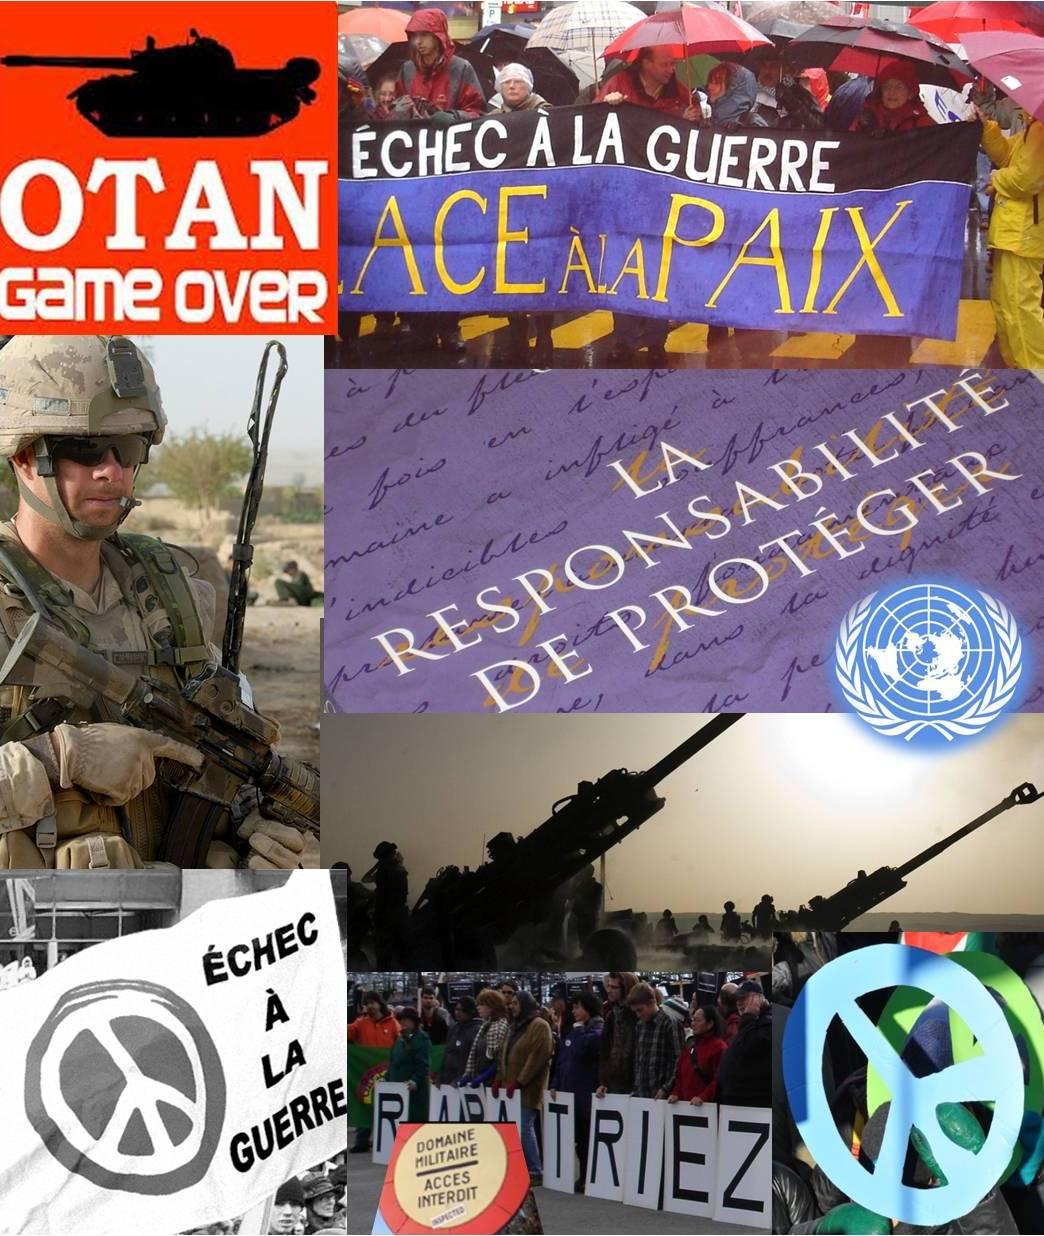 Montage : OTAN Game over : ombre d'un blindé. Banderole Échec à la guerre : place à la paix. Photo d'un soldat d'infanterie canadien. La responsabilité de protéger : logo de l'ONU. Symbole de la paix.